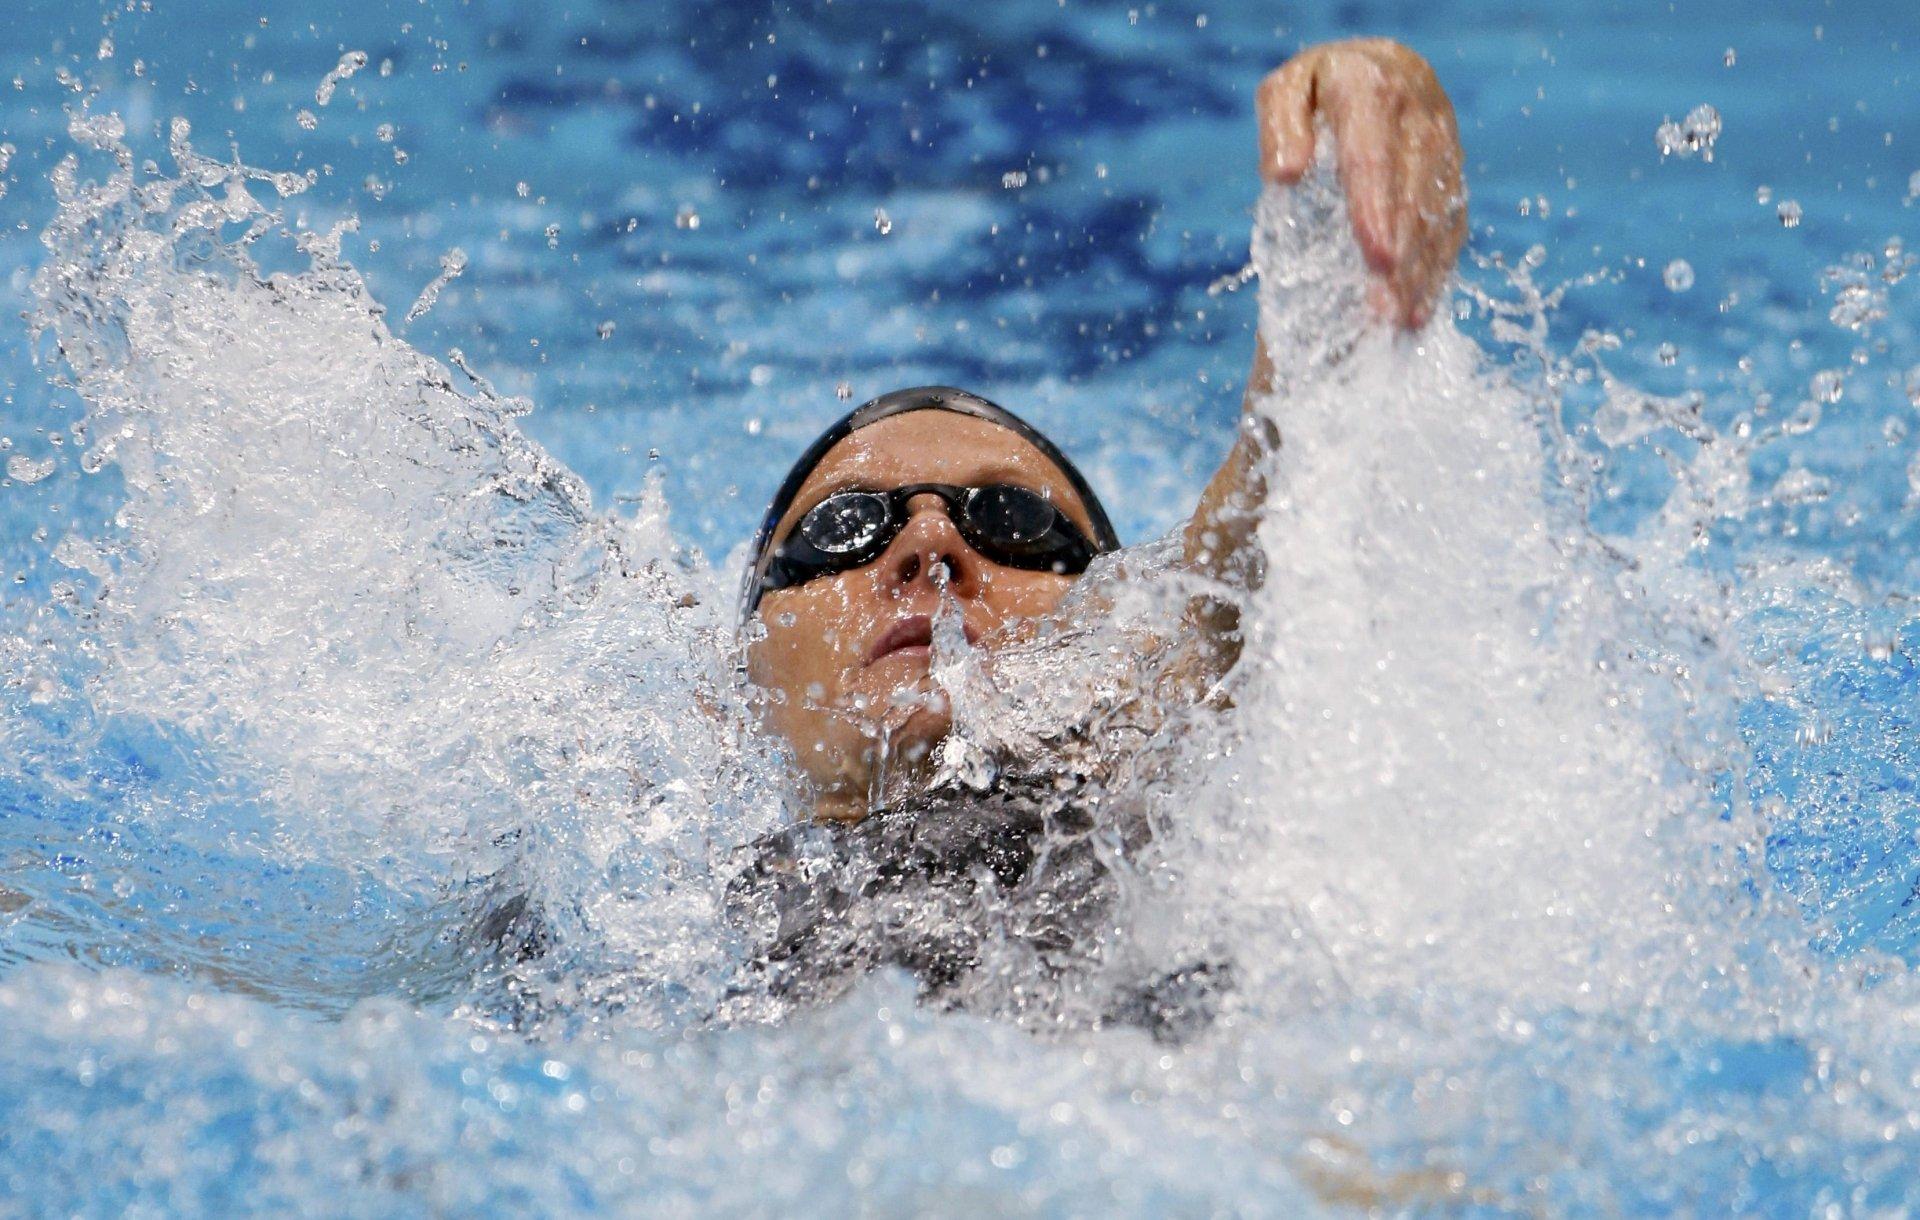 Sport Wallpaper Swim: Swimming HD Wallpaper